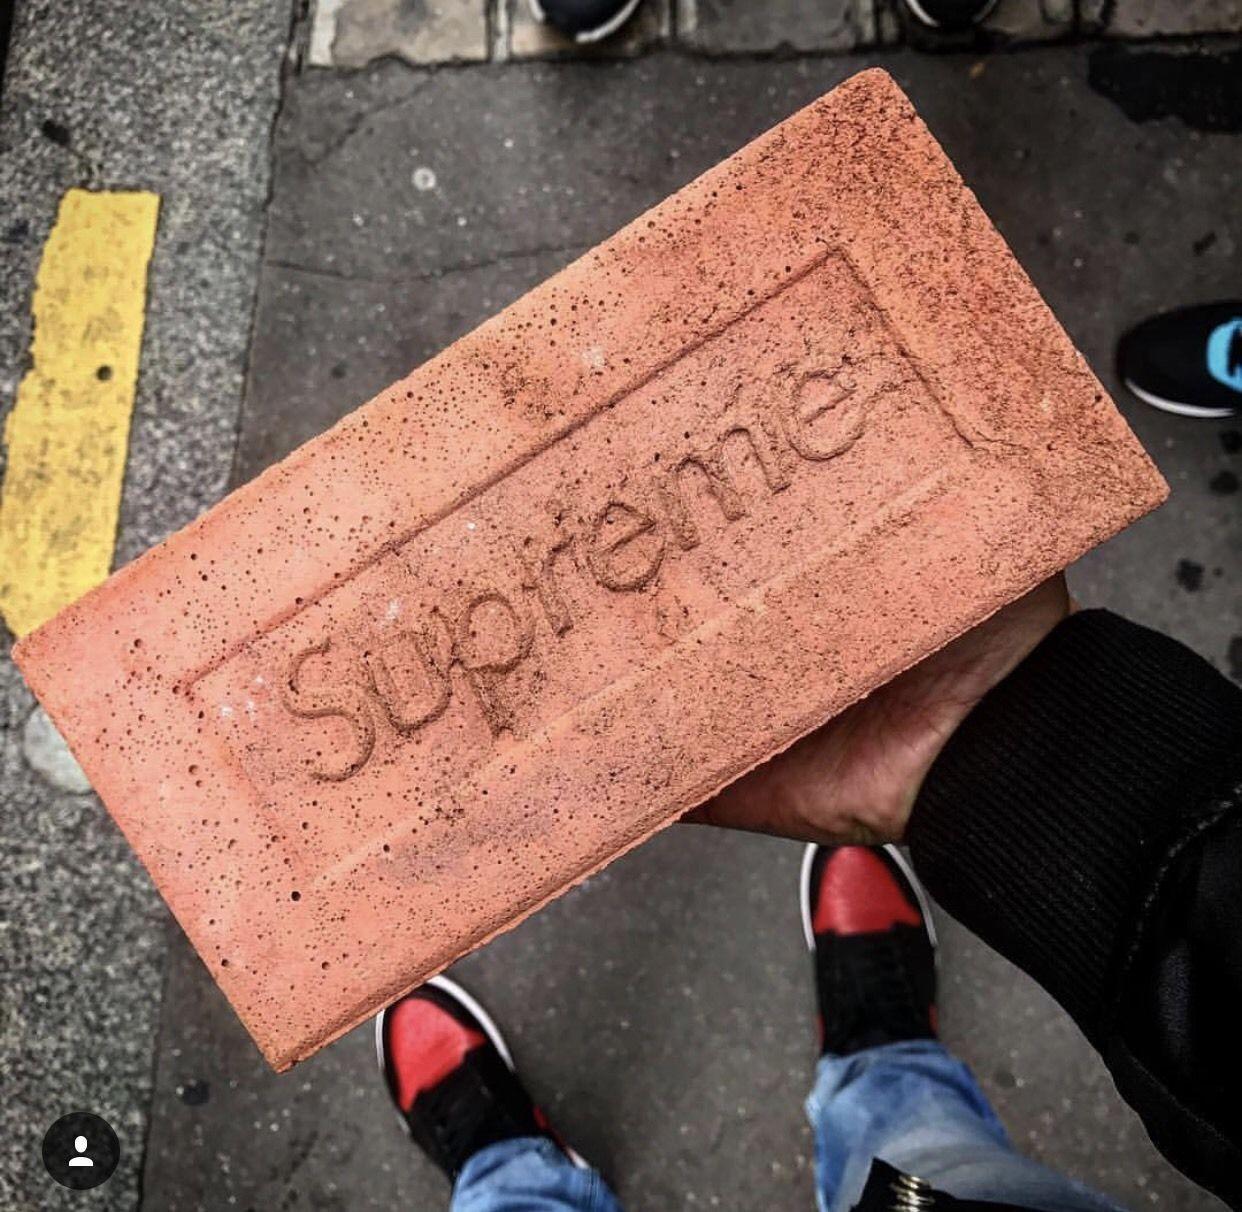 supreme-brick-f-w-16-fall-winter-red-clay